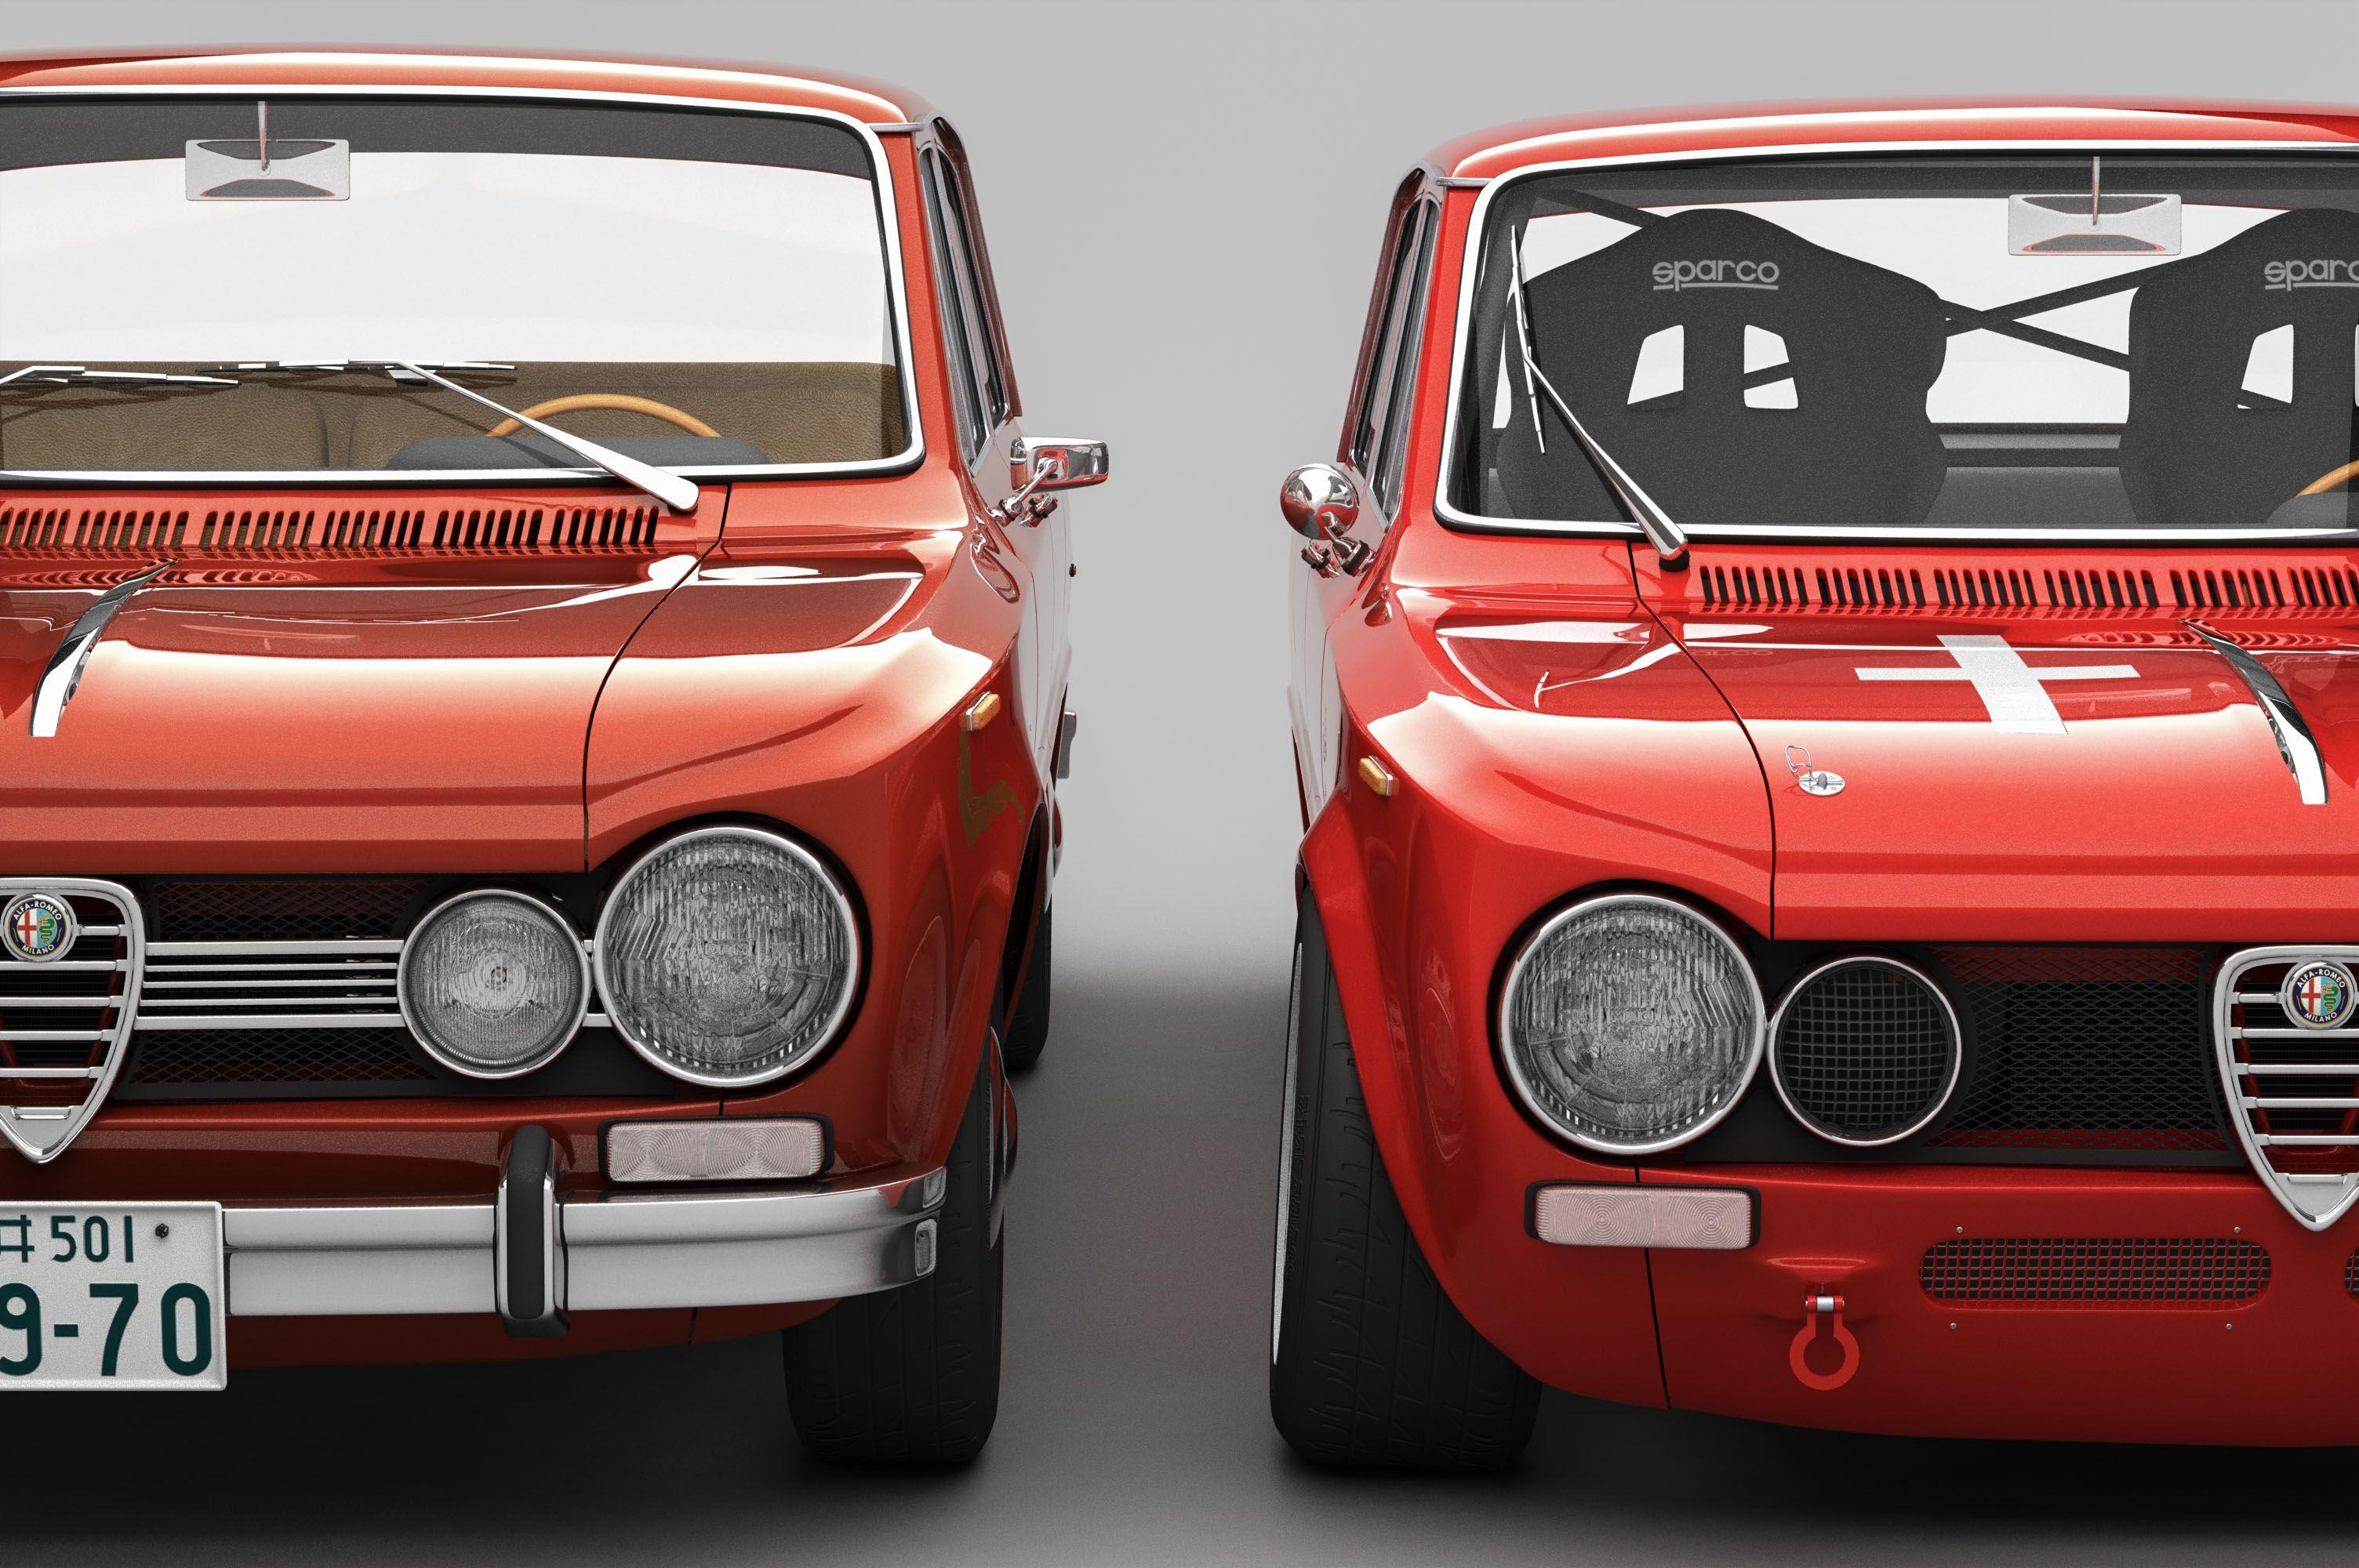 alfa romeo giulia 1600 super and giulia ti super quadrifoglio alleggerita black red auto. Black Bedroom Furniture Sets. Home Design Ideas